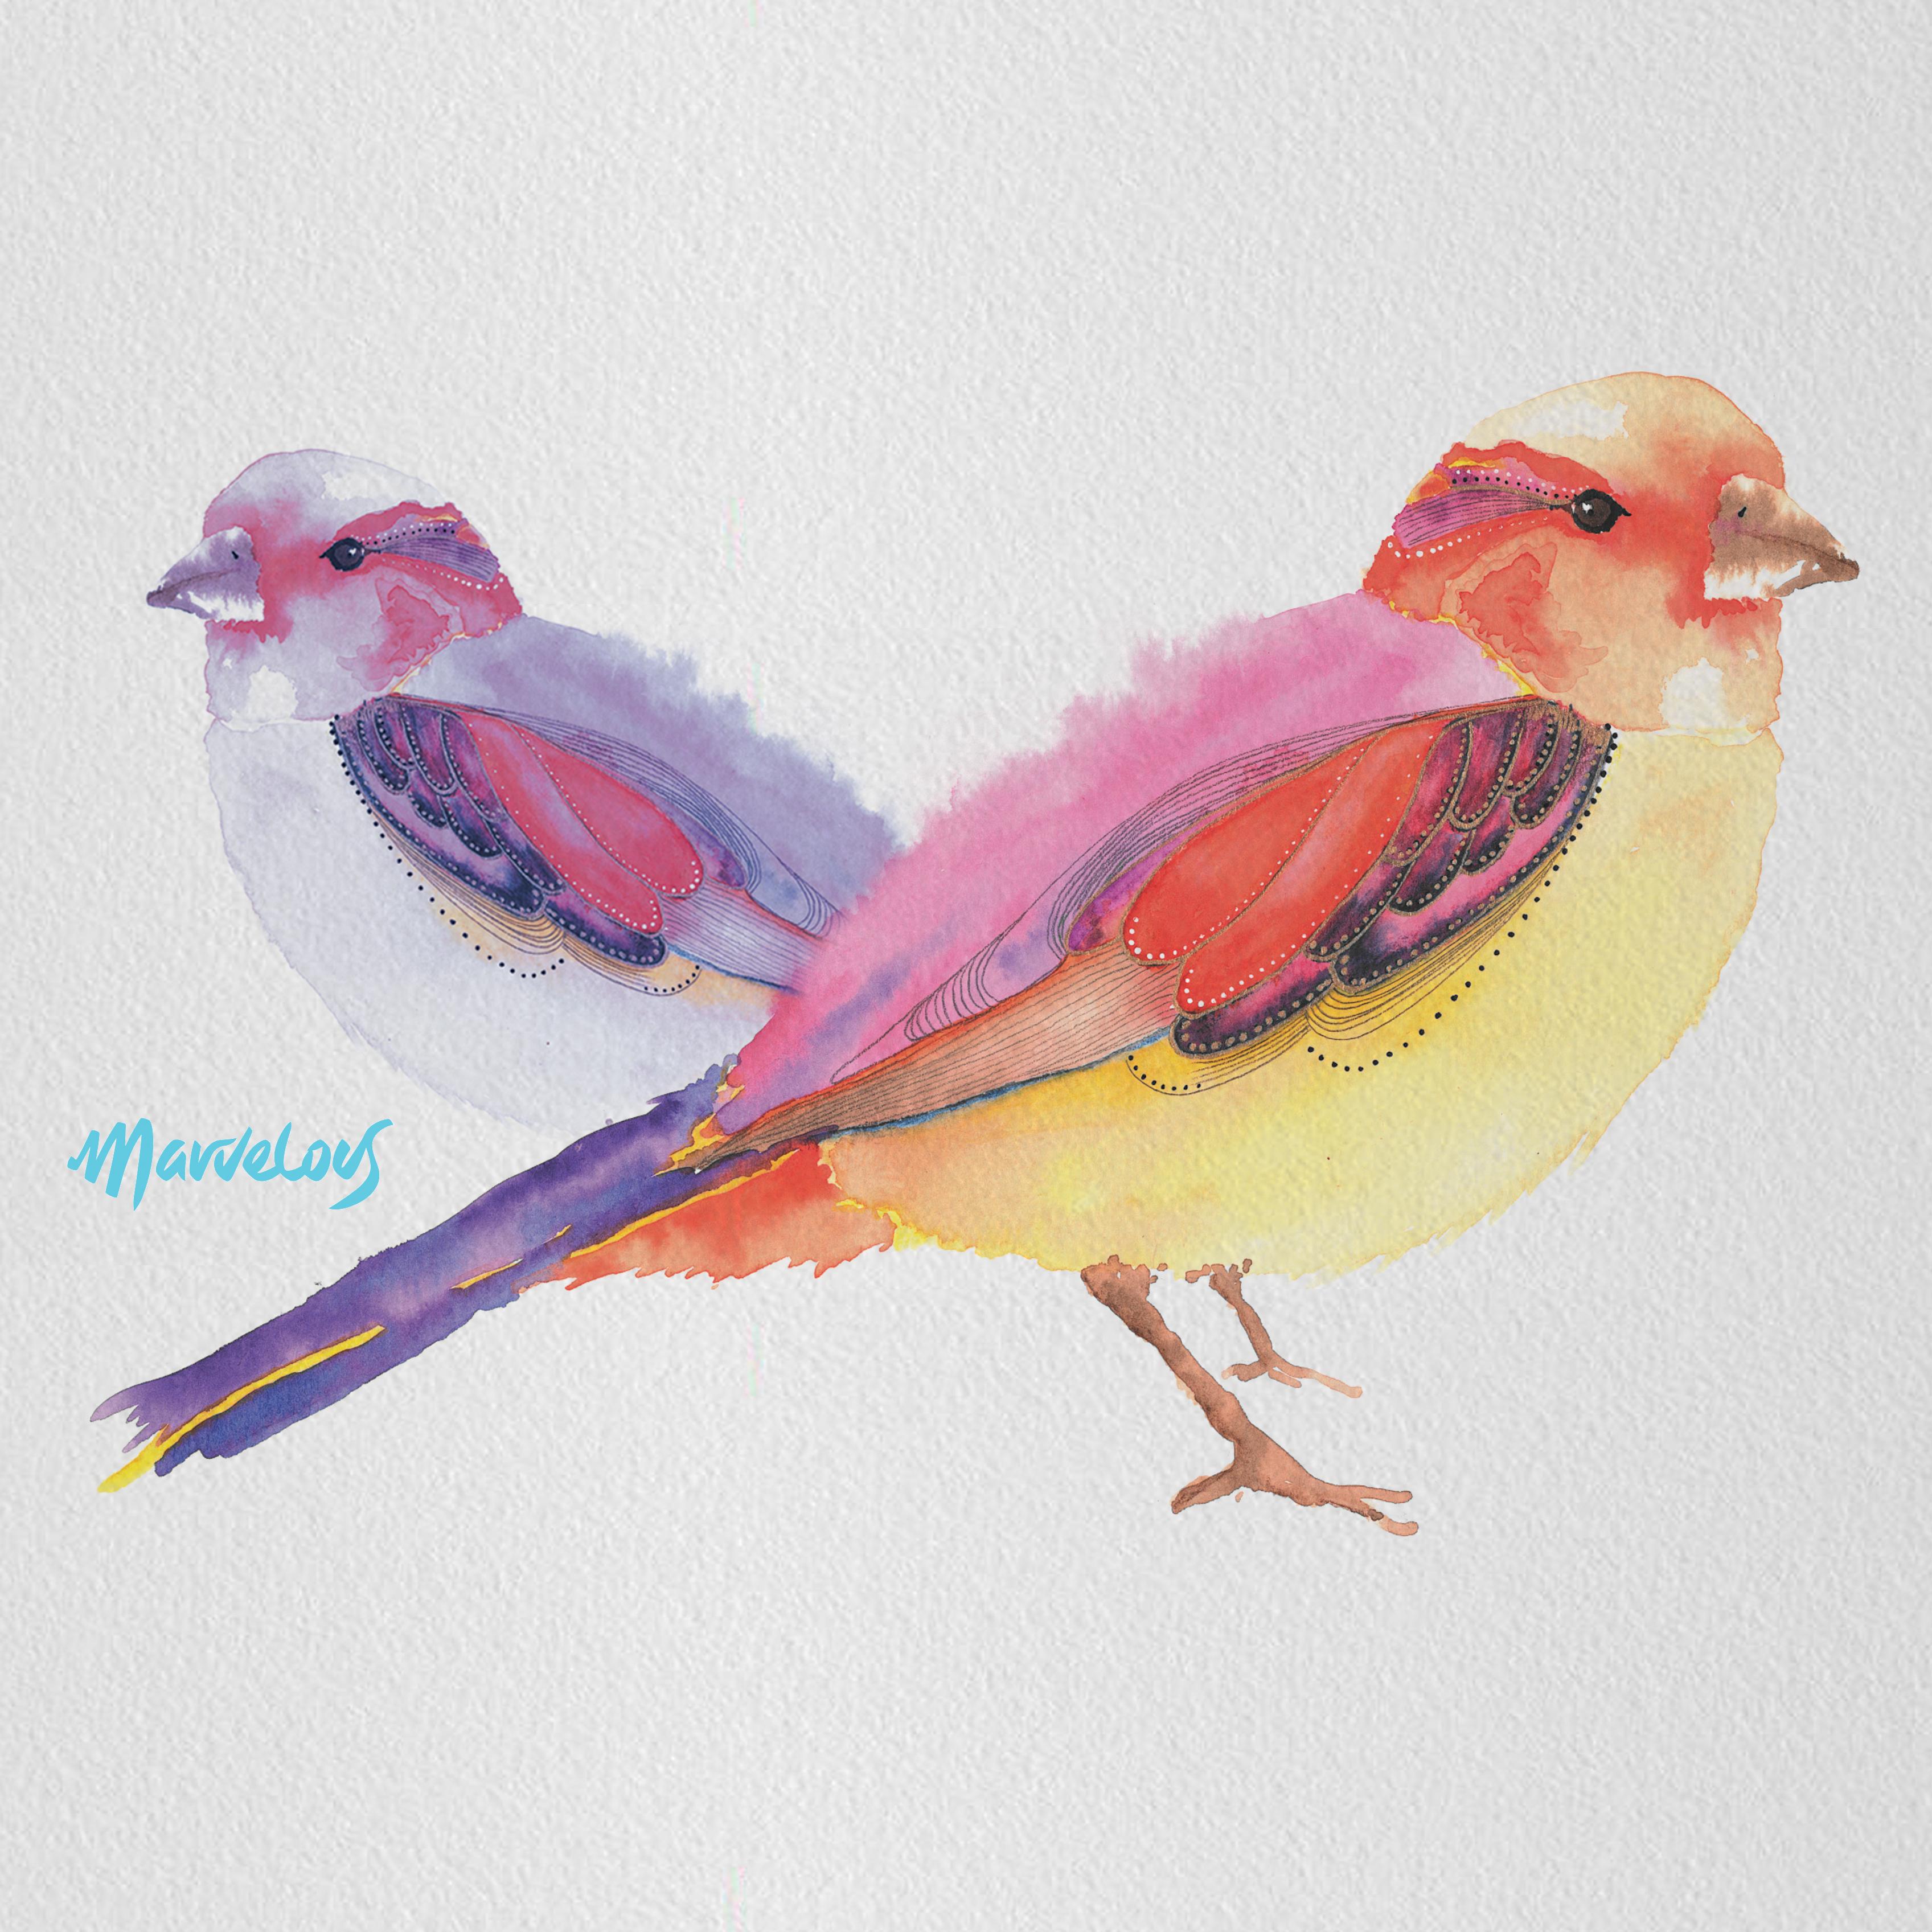 Pájaros Marvelous